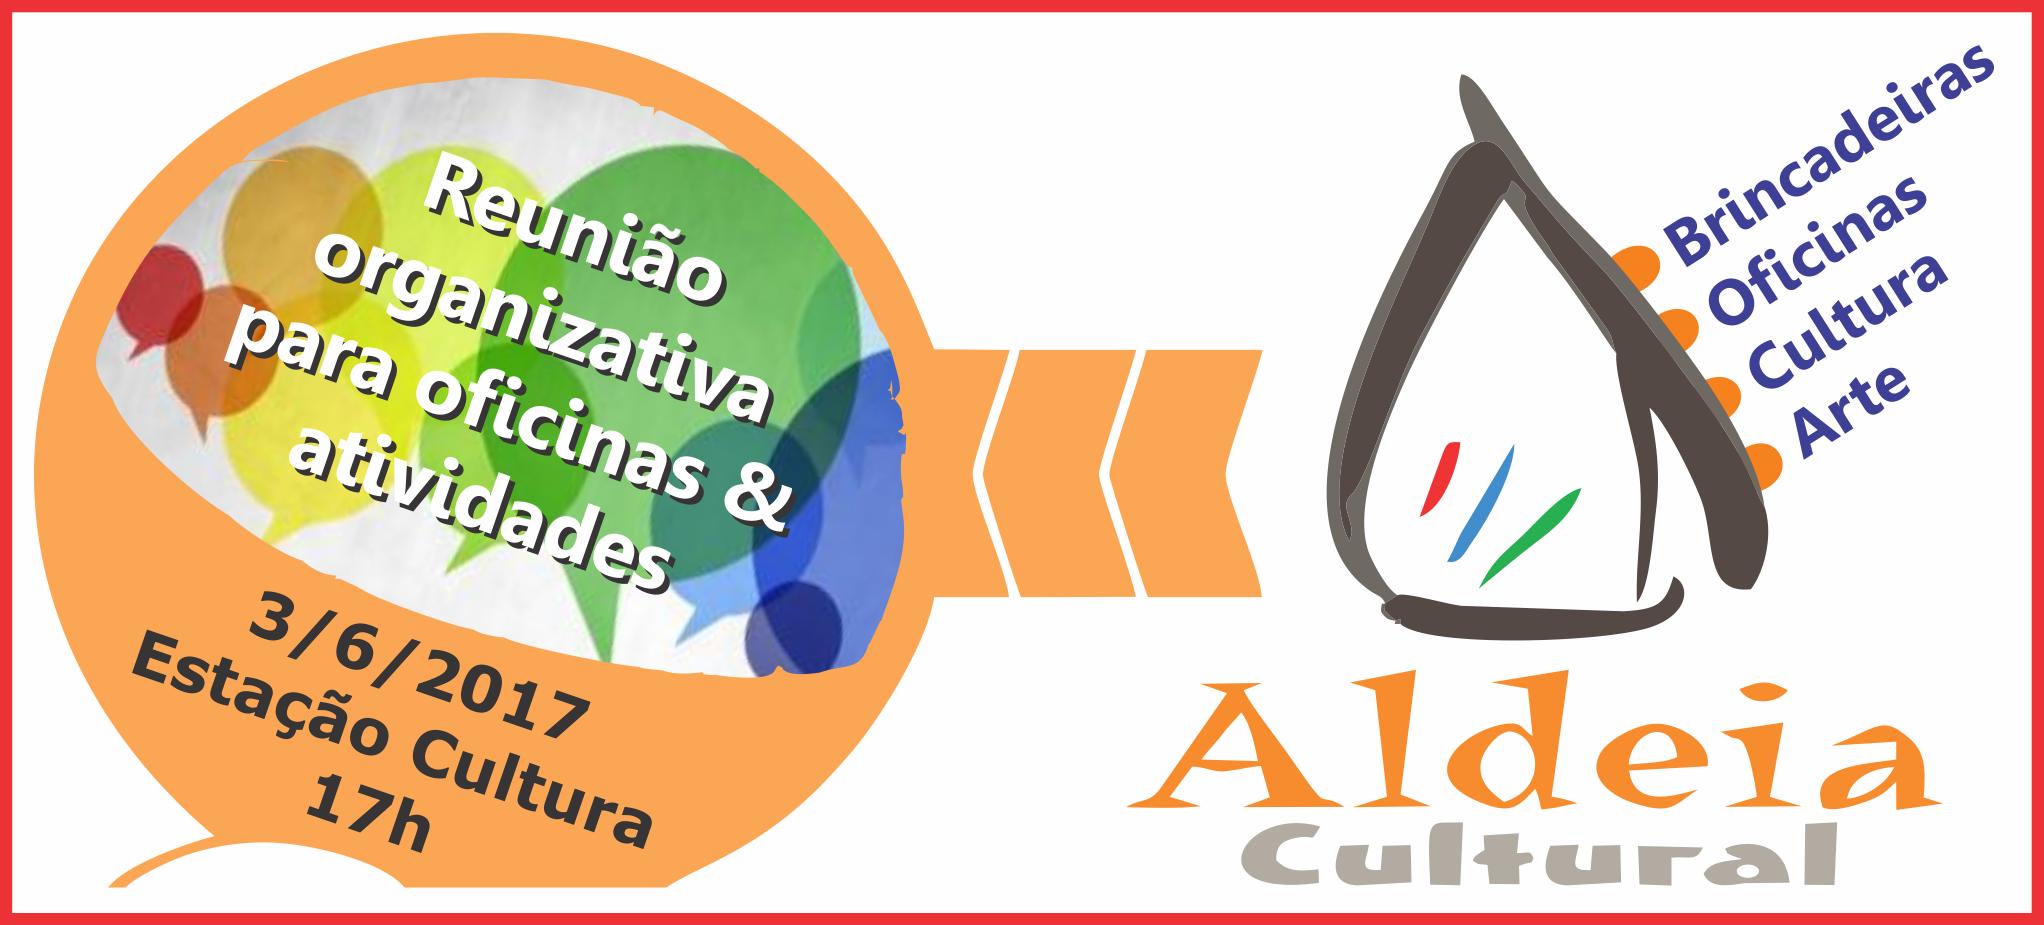 reuniao org